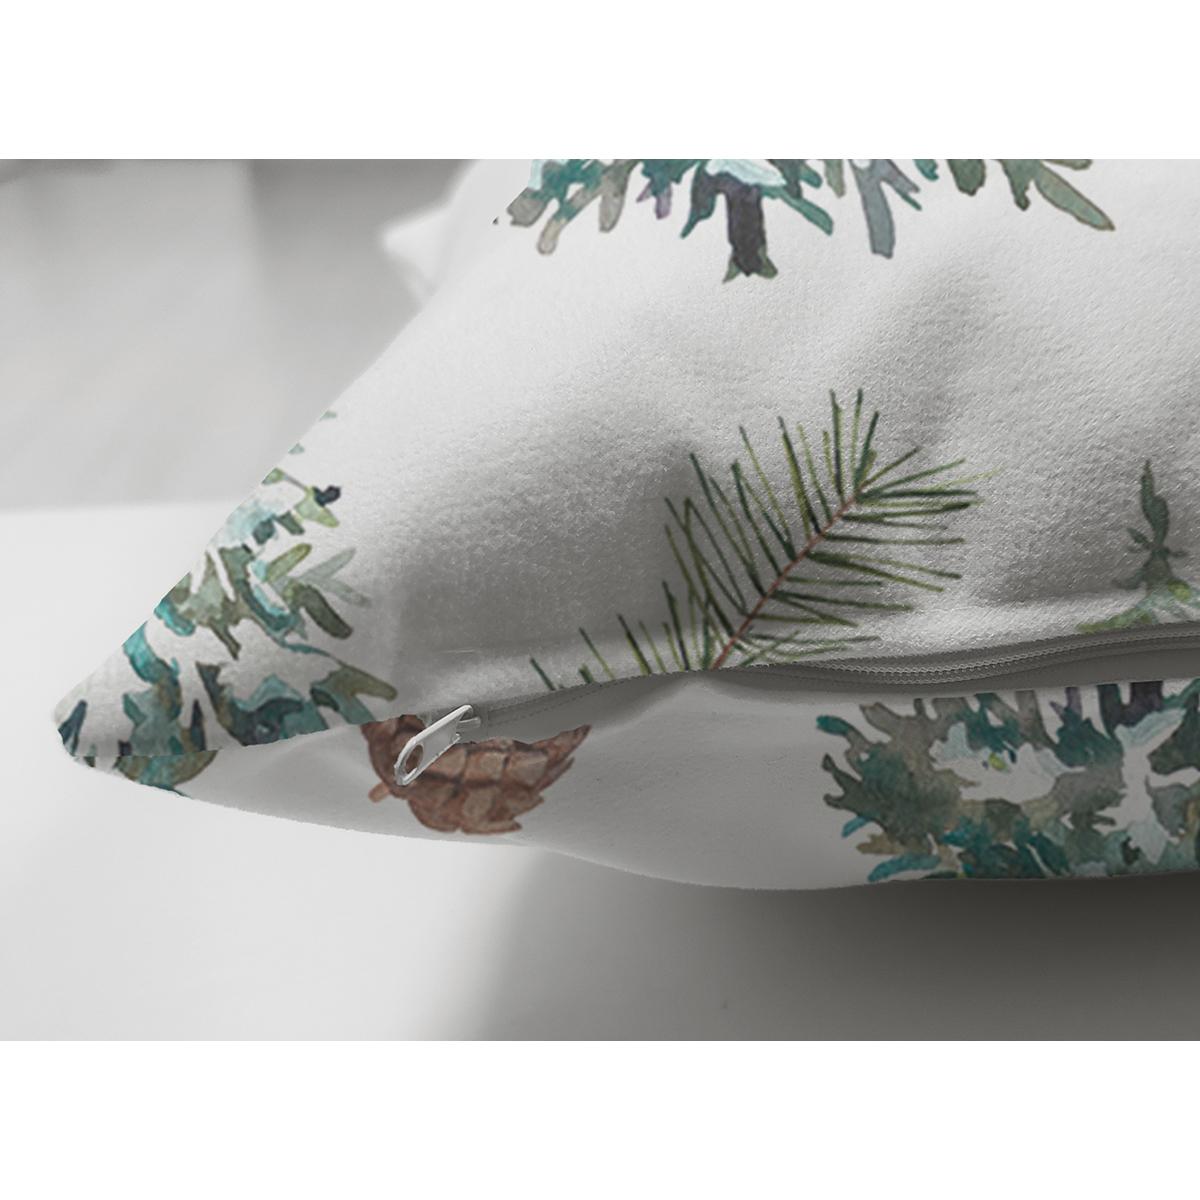 Çift Taraflı Beyaz Zemin Üzerinde Çamağacı Desenli Dijital Baskılı Modern Süet Yastık Kırlent Kılıfı Realhomes